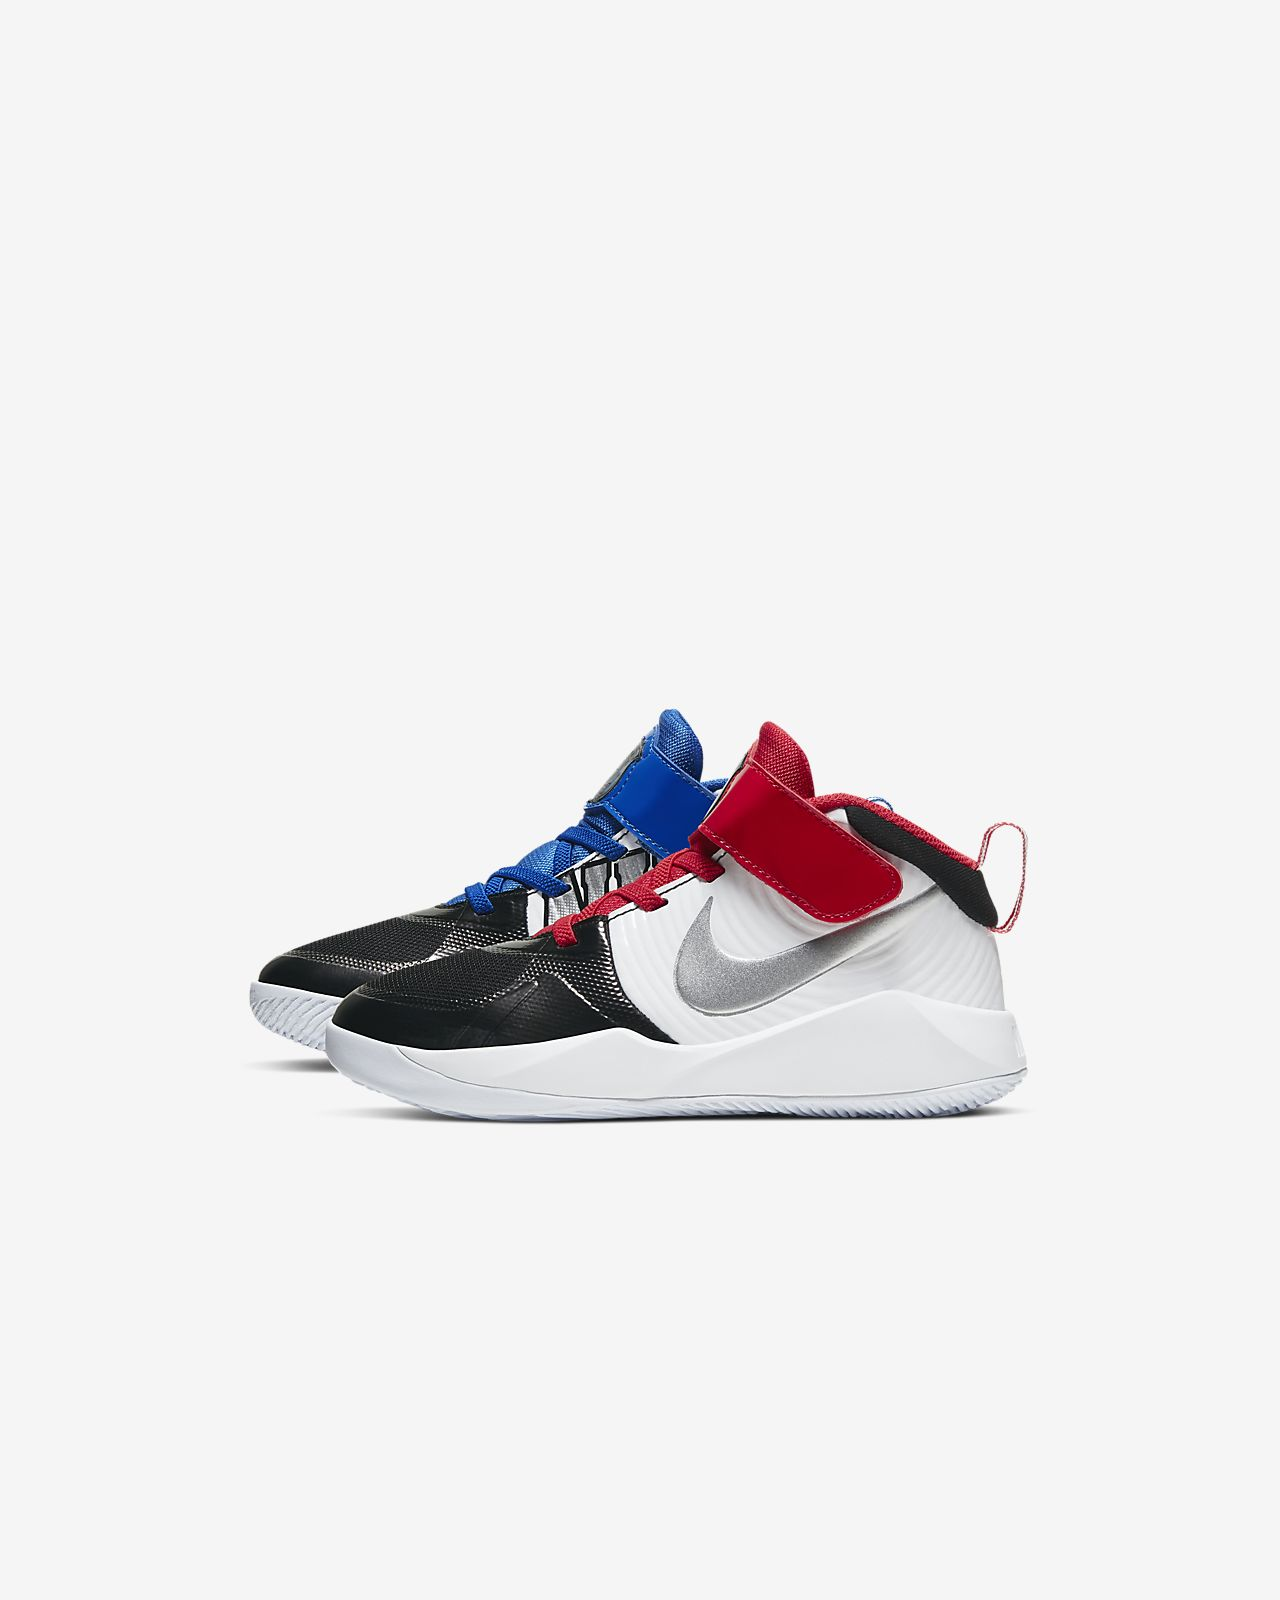 Nike Team Hustle D 9 Auto Little Kids' Shoe